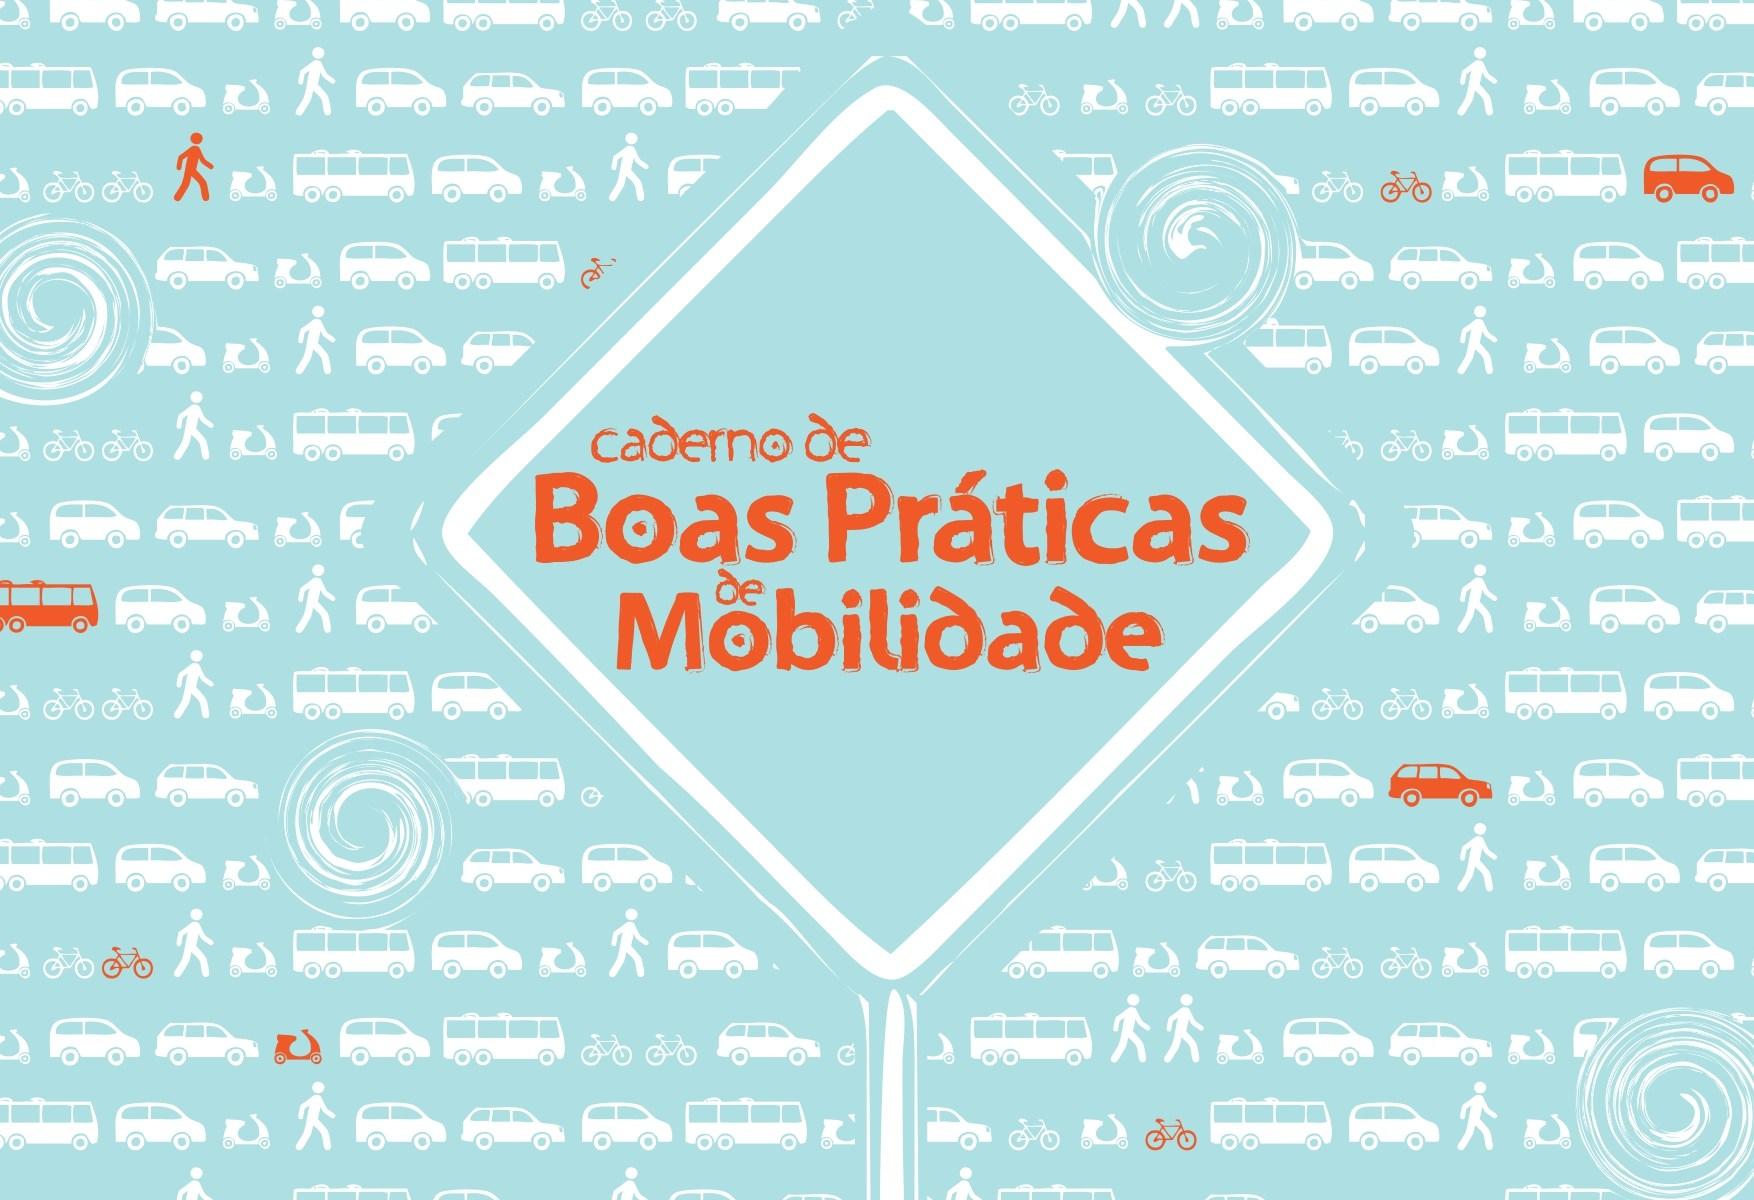 9 anos depois, Caderno de Boas Práticas ainda guarda soluções para a Mobilidade do Recife |